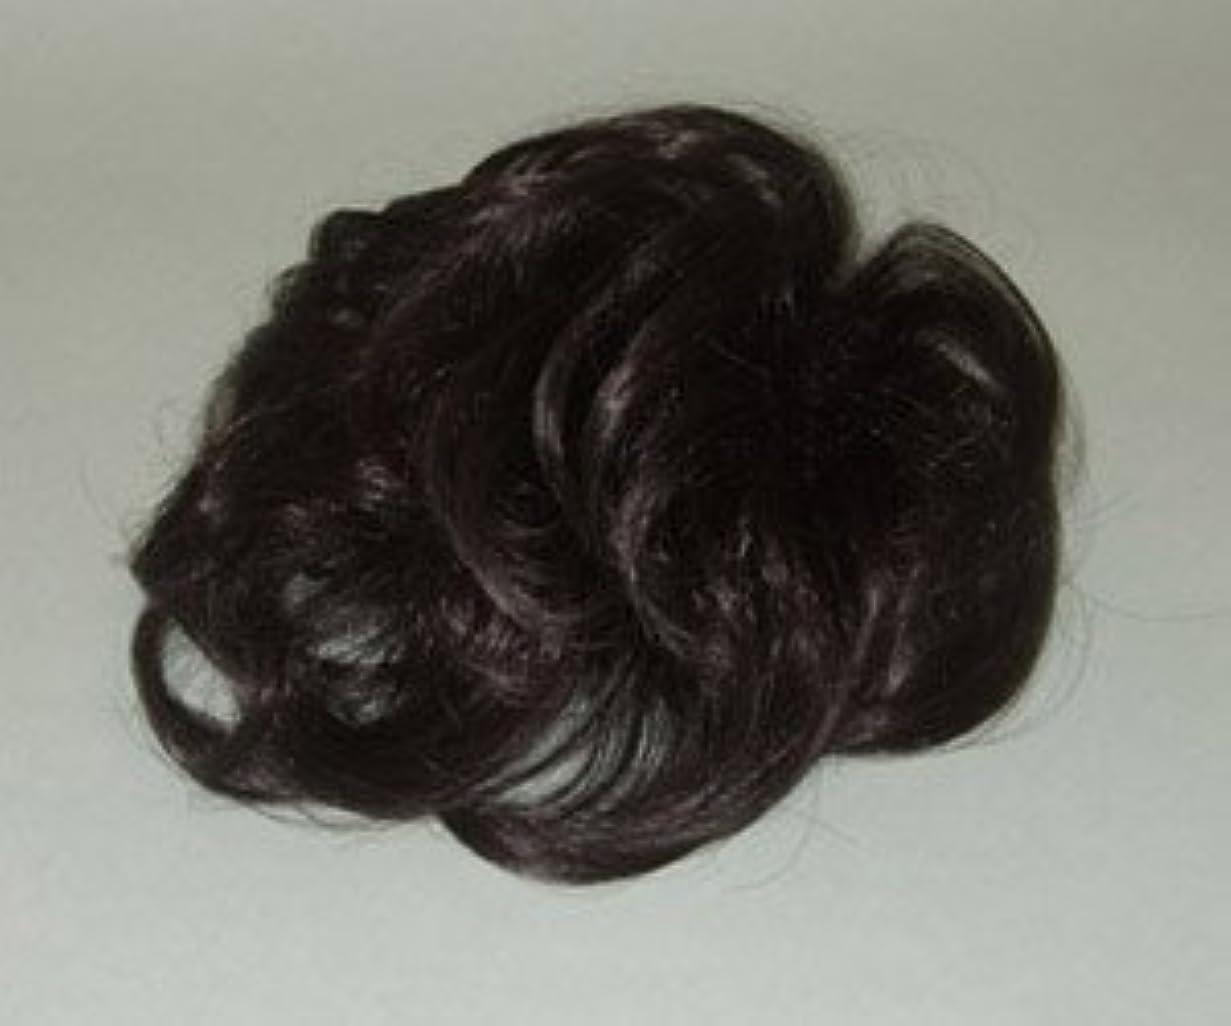 シェトランド諸島時刻表出身地富士パックス販売 ボンヘアー BON HAIR (ボリュームアップタイプ) ブラウン